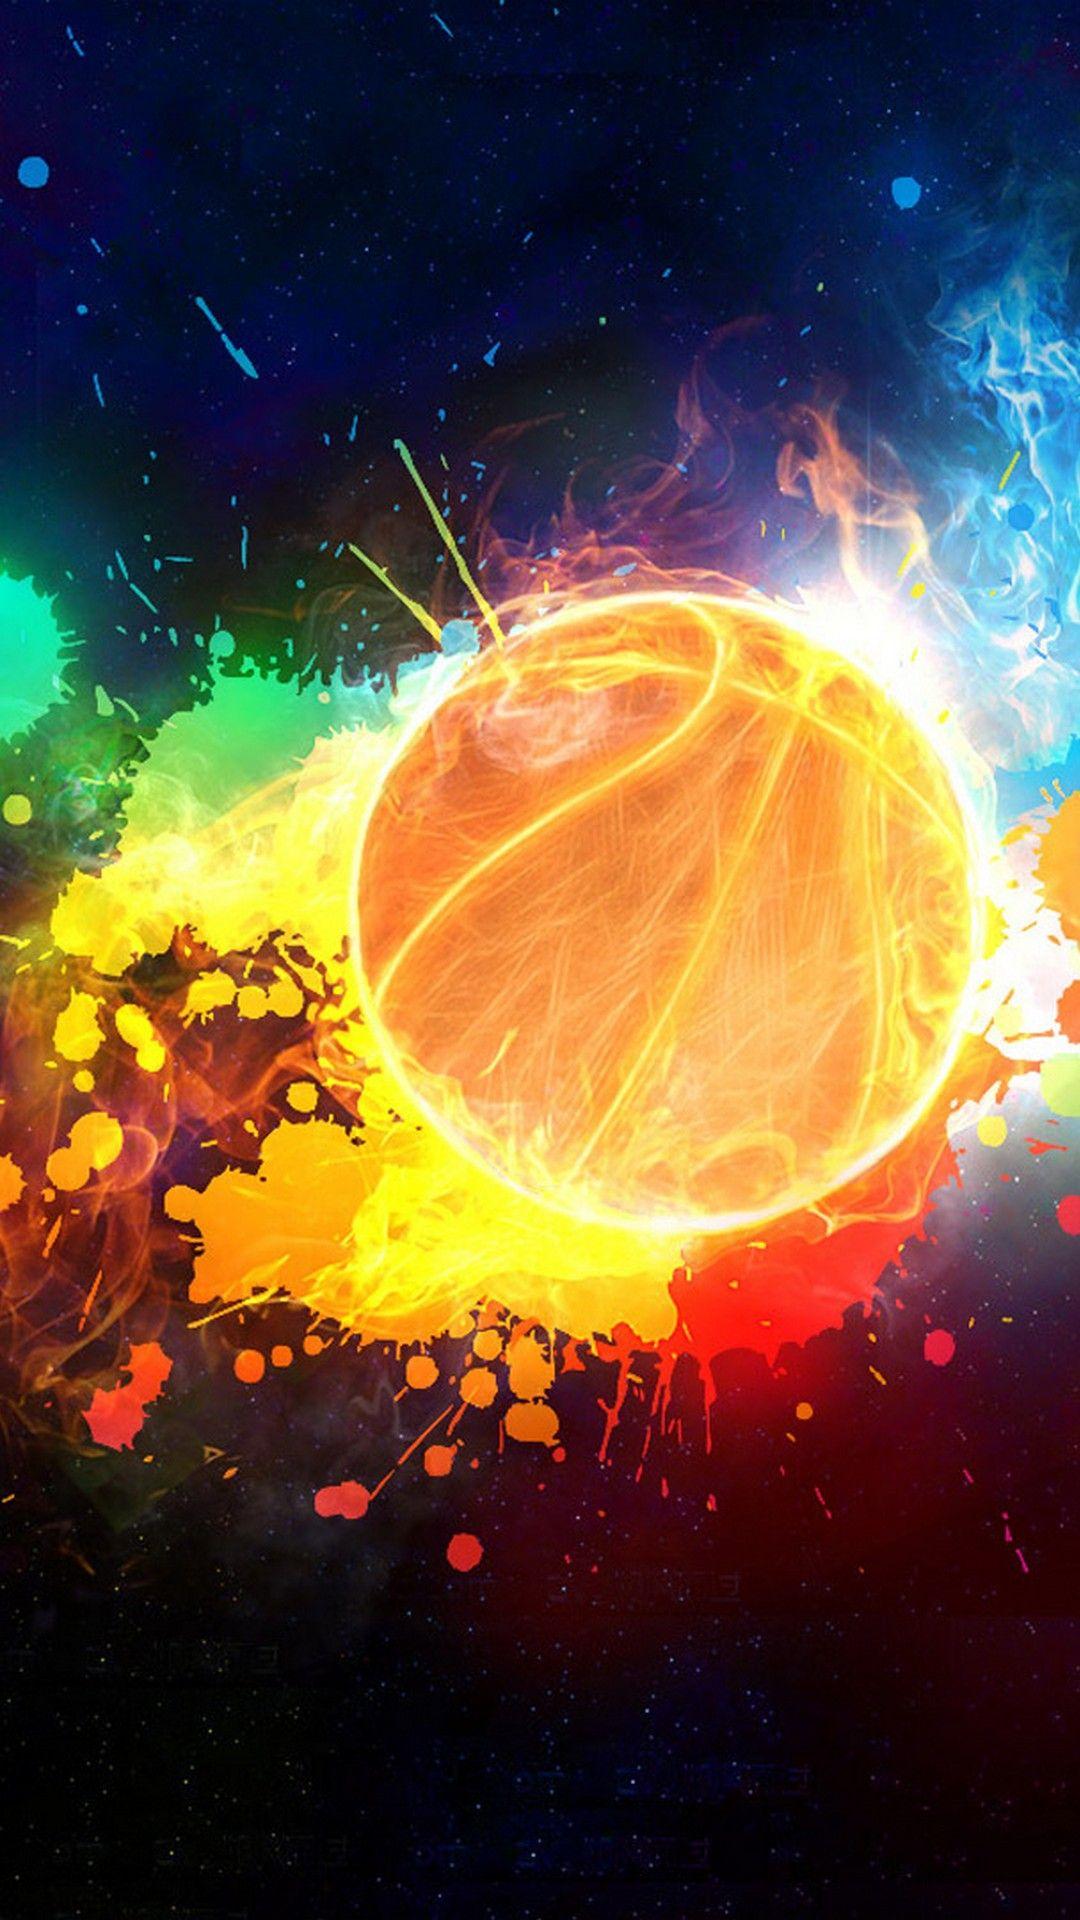 Basketball Wallpaper Best Basketball Wallpapers 2020 Cool 1080x1920